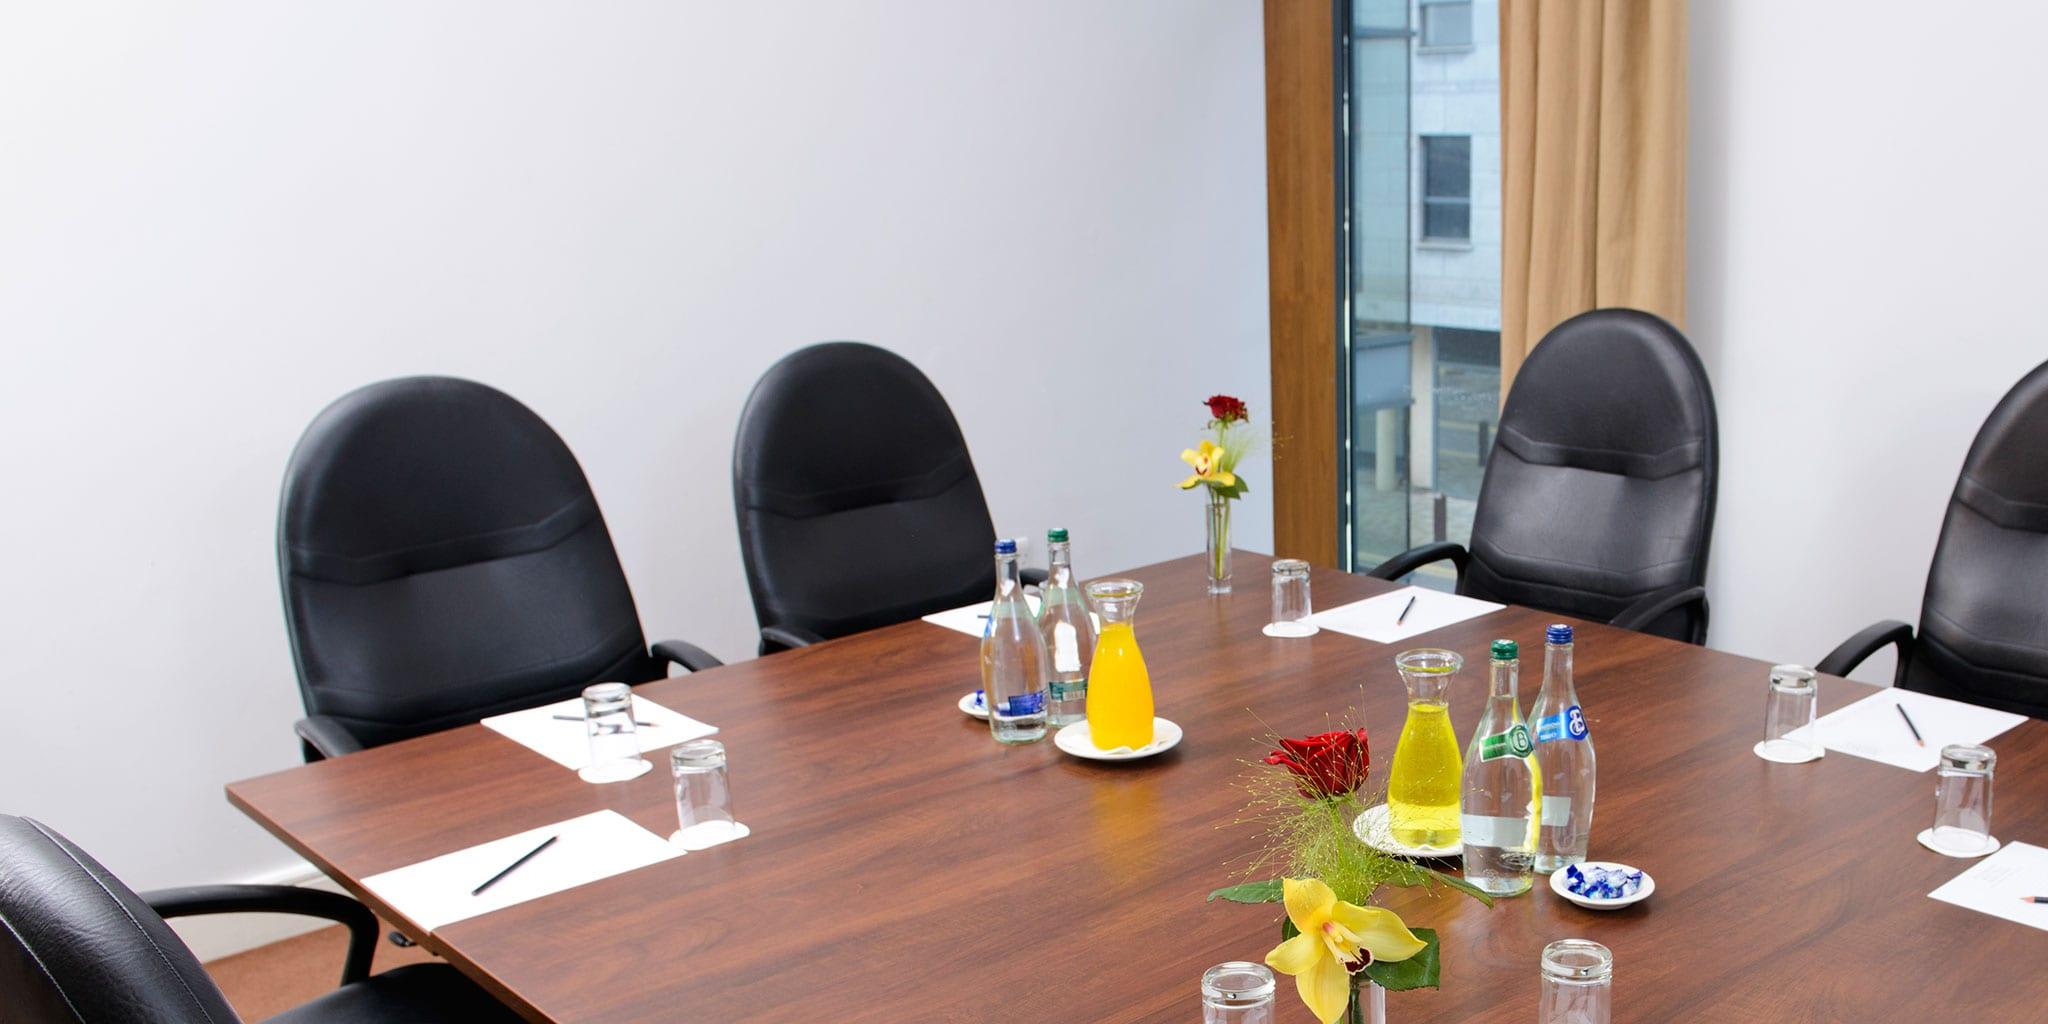 Boardroom-Meeting-in-Clayton-Hotel-Limerick-Phoenix-meeting-room